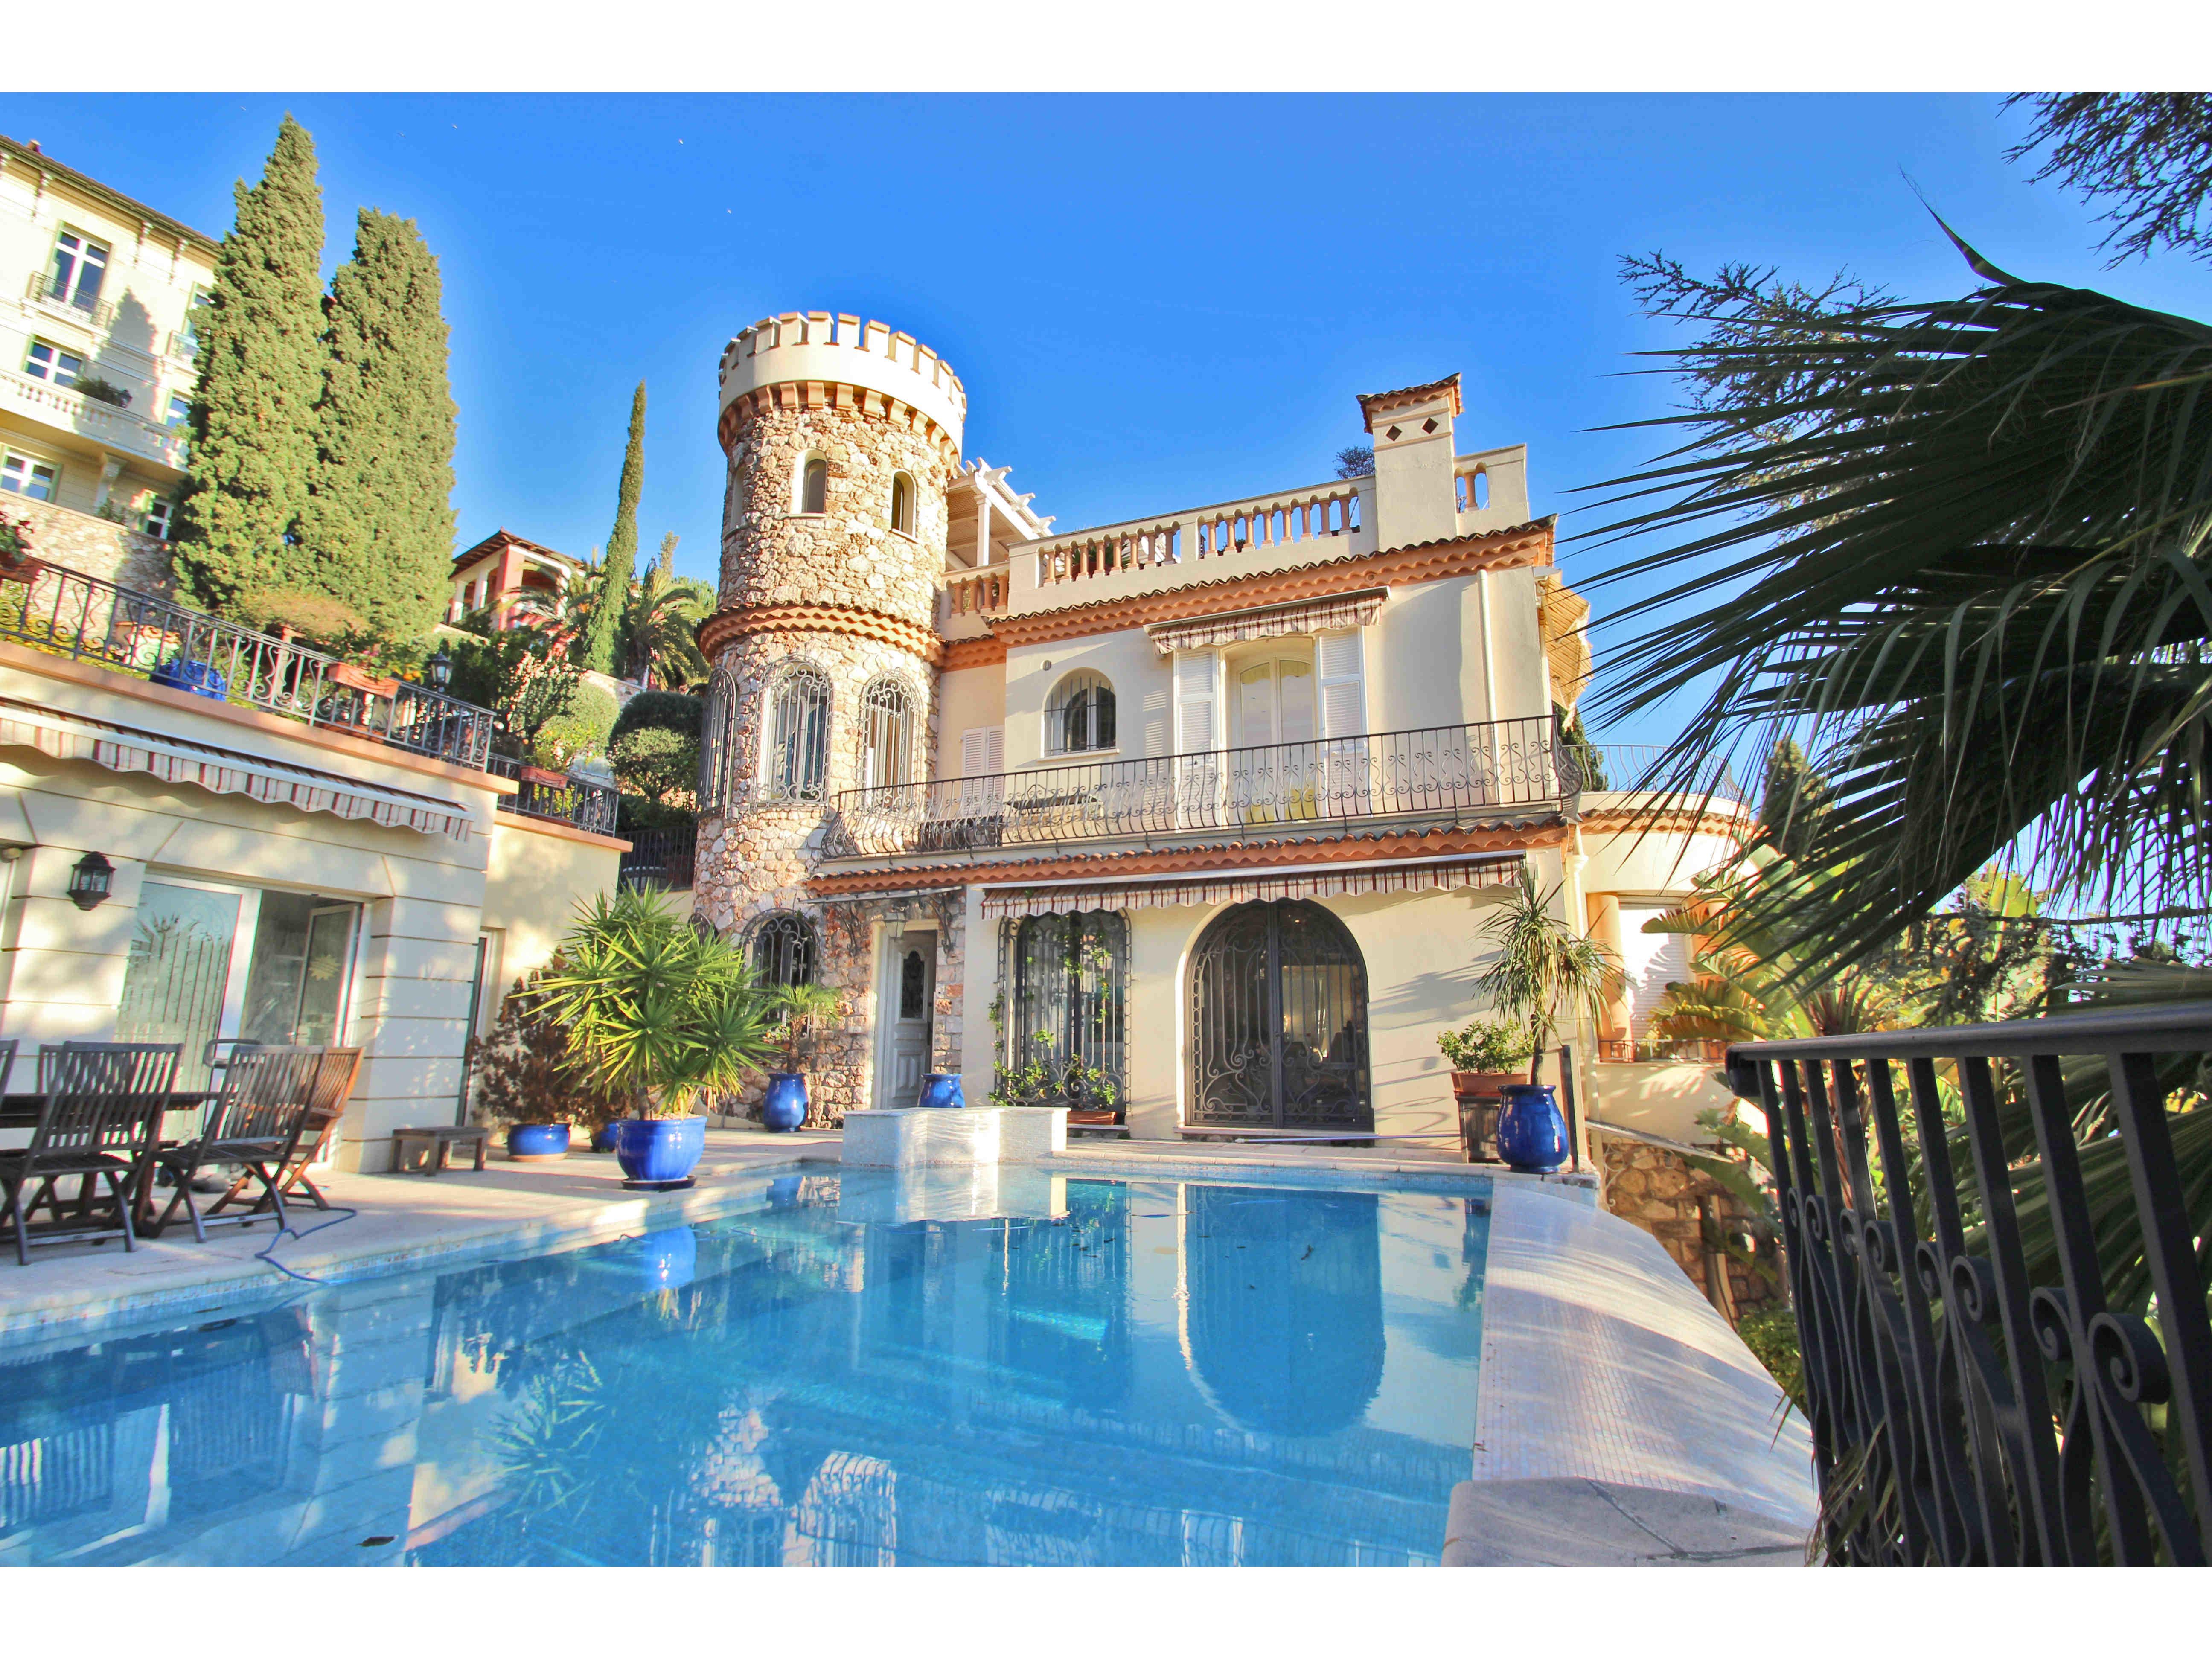 location villa de luxe à roquebrune cap martin proche de monaco